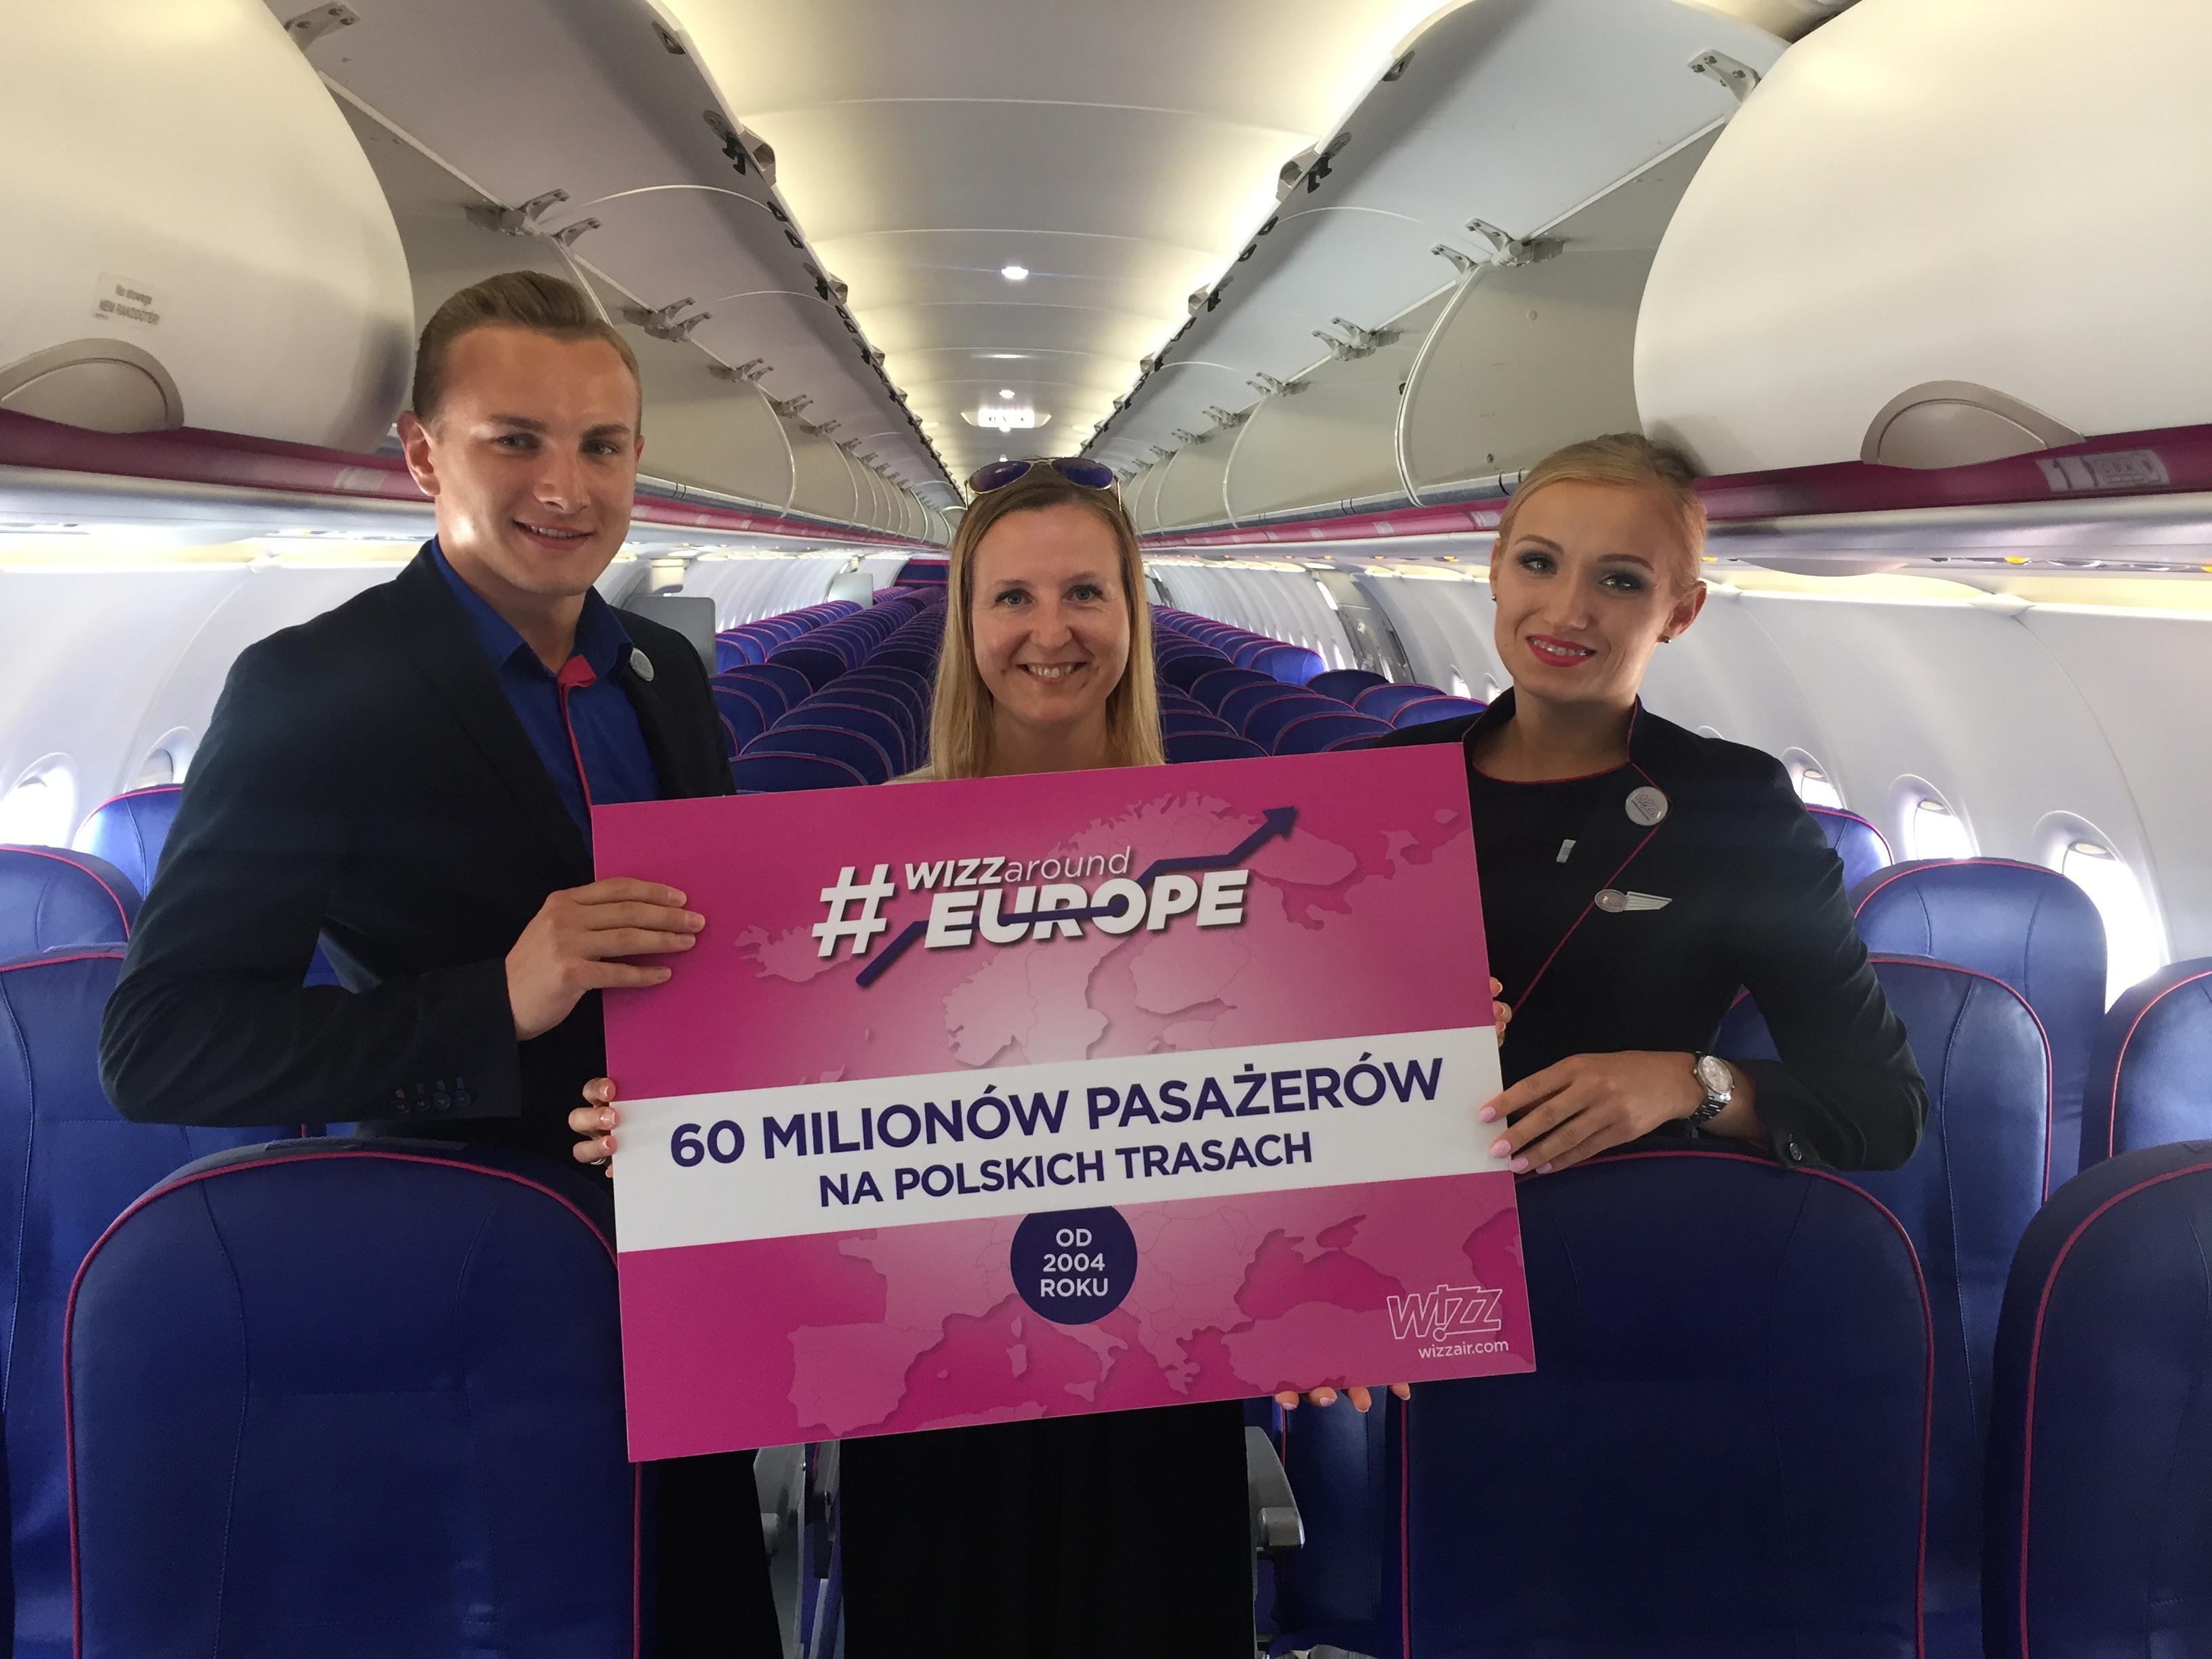 Wizz Air świętuje 60 milionów pasażerów w Polsce